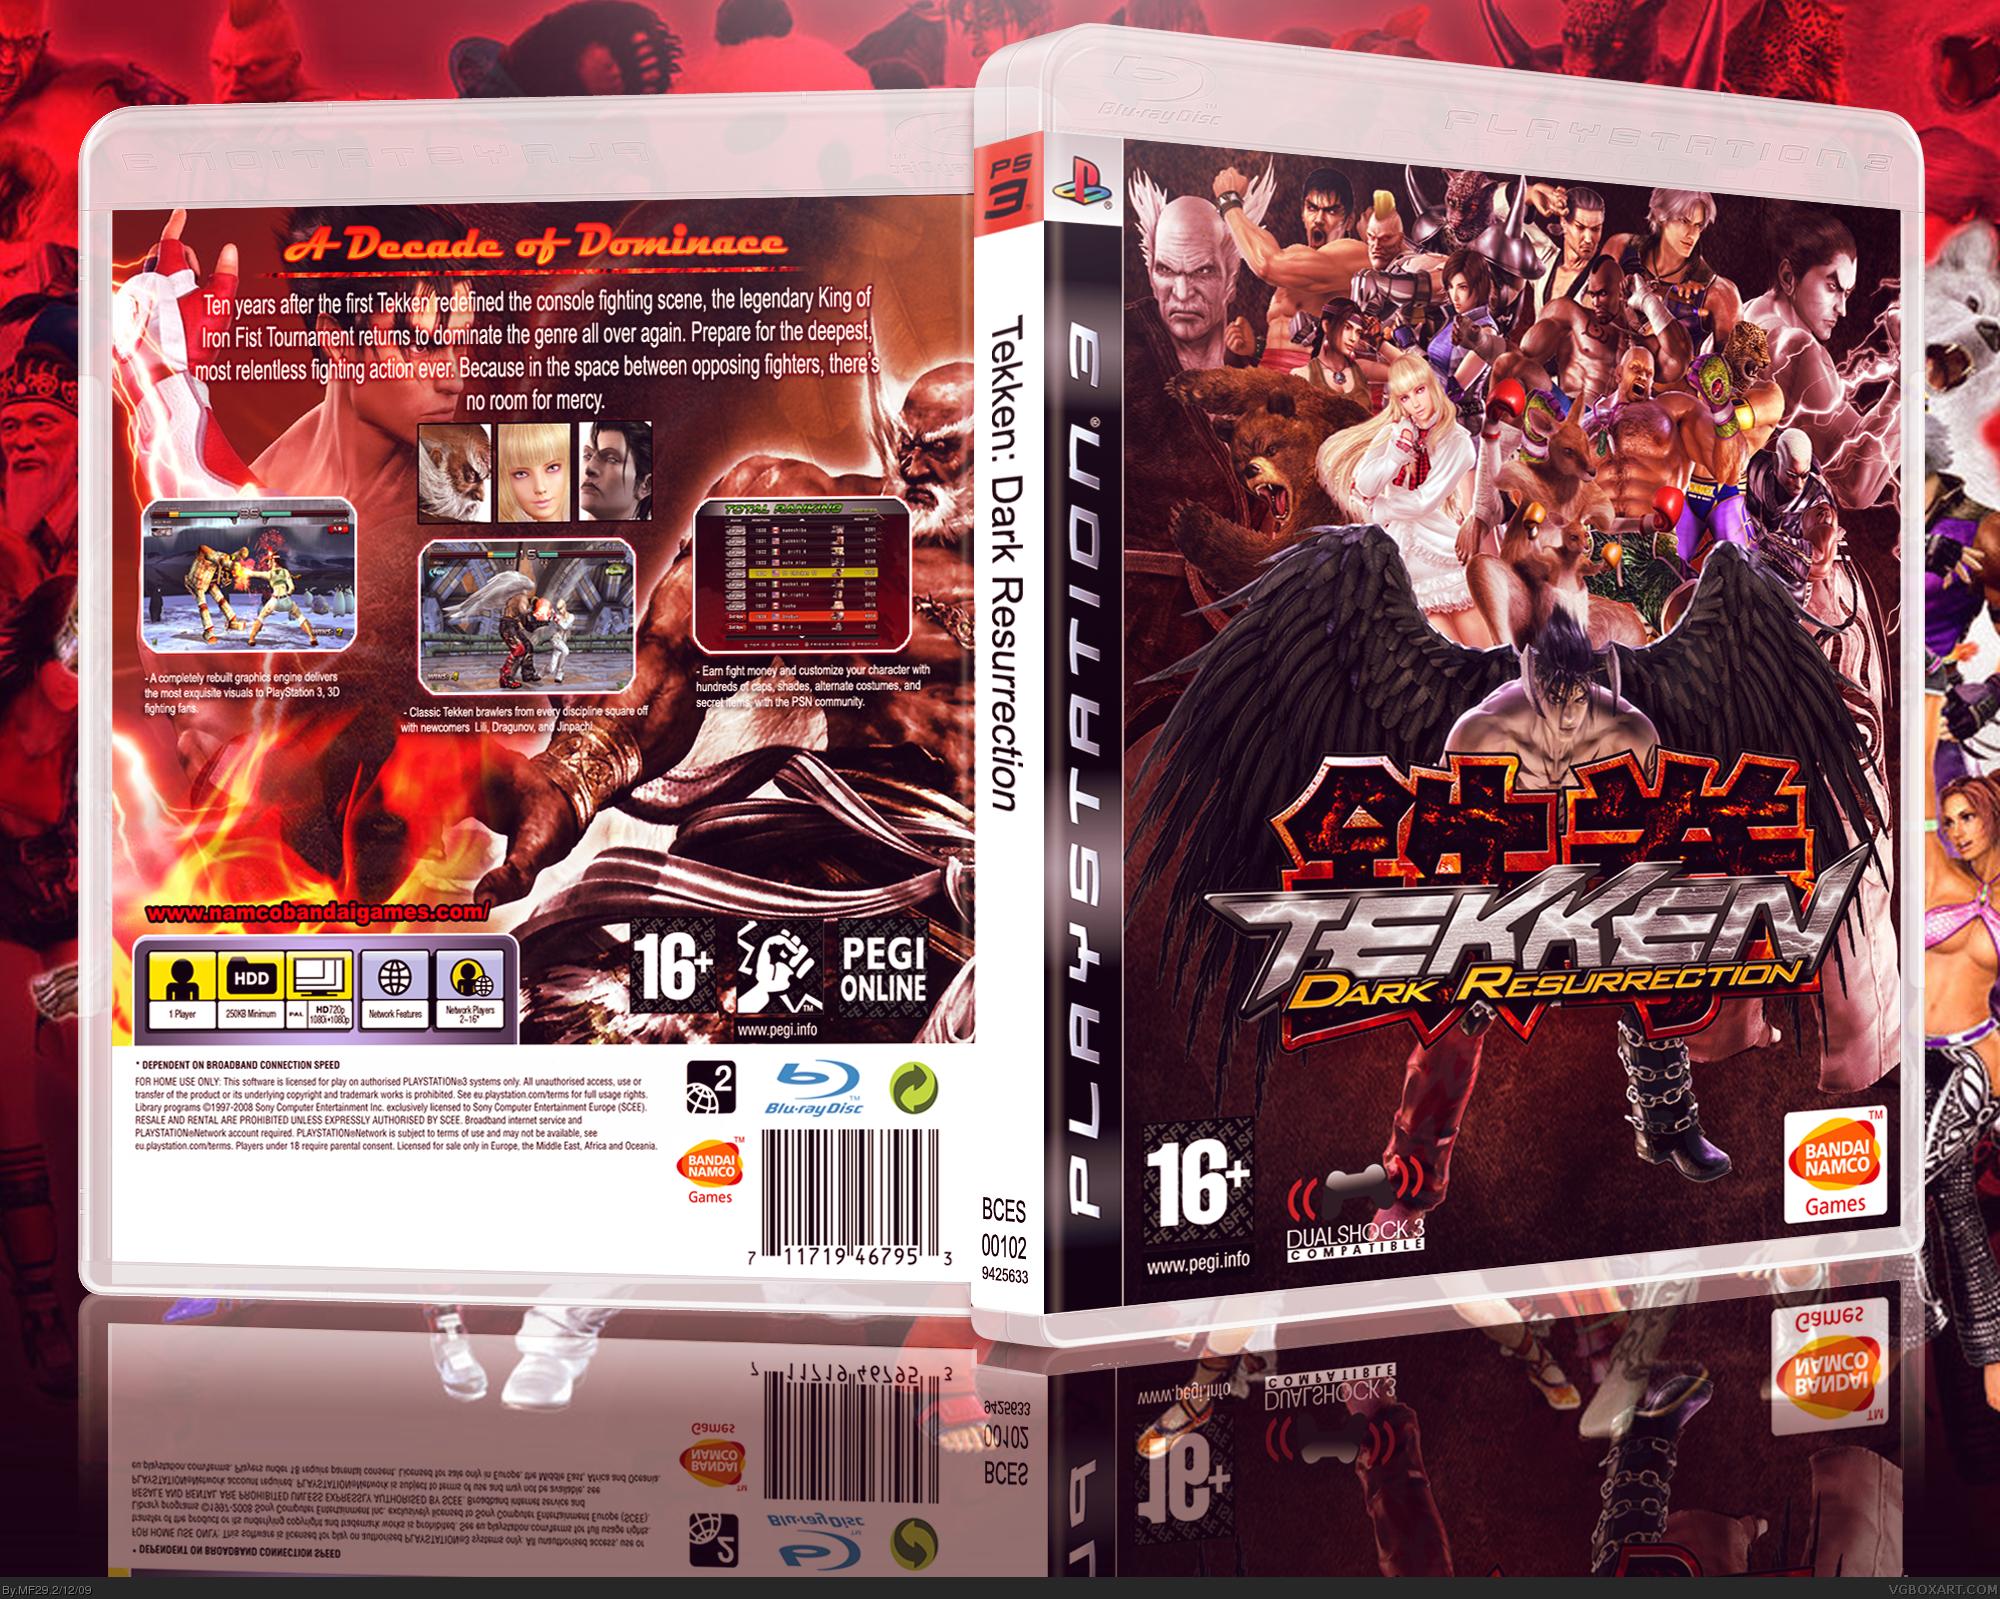 Tekken 5 Dark Resurrection Playstation 3 Box Art Cover By Mf29